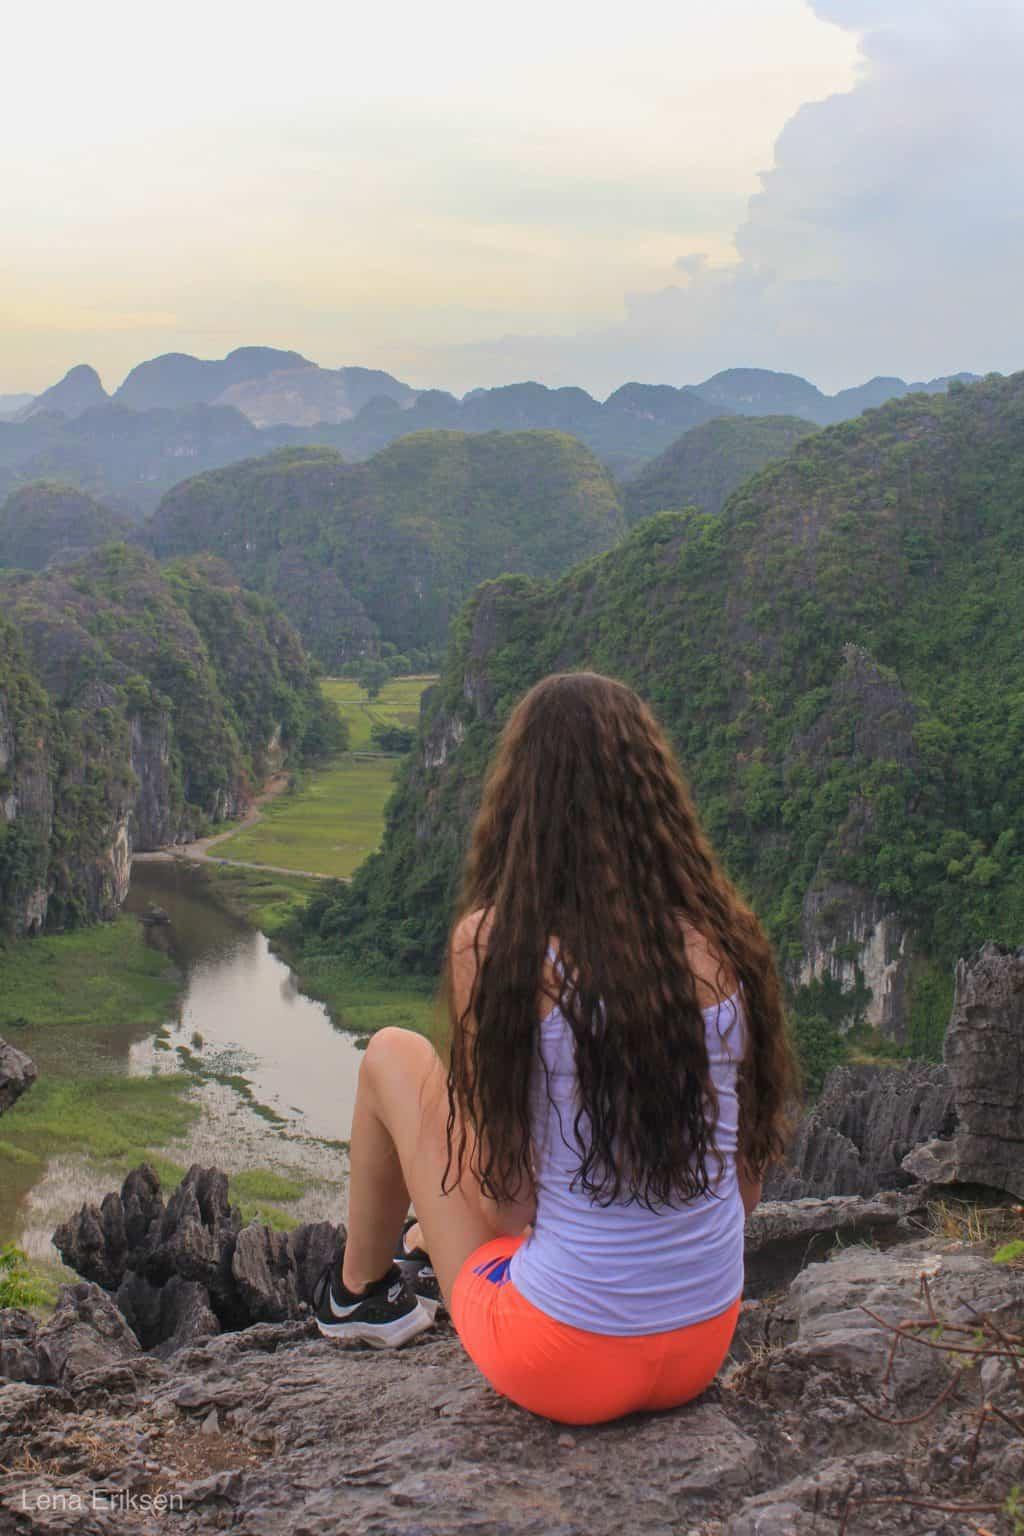 Mua Caves i Tam Coc, Ninh Binh, Vietnam